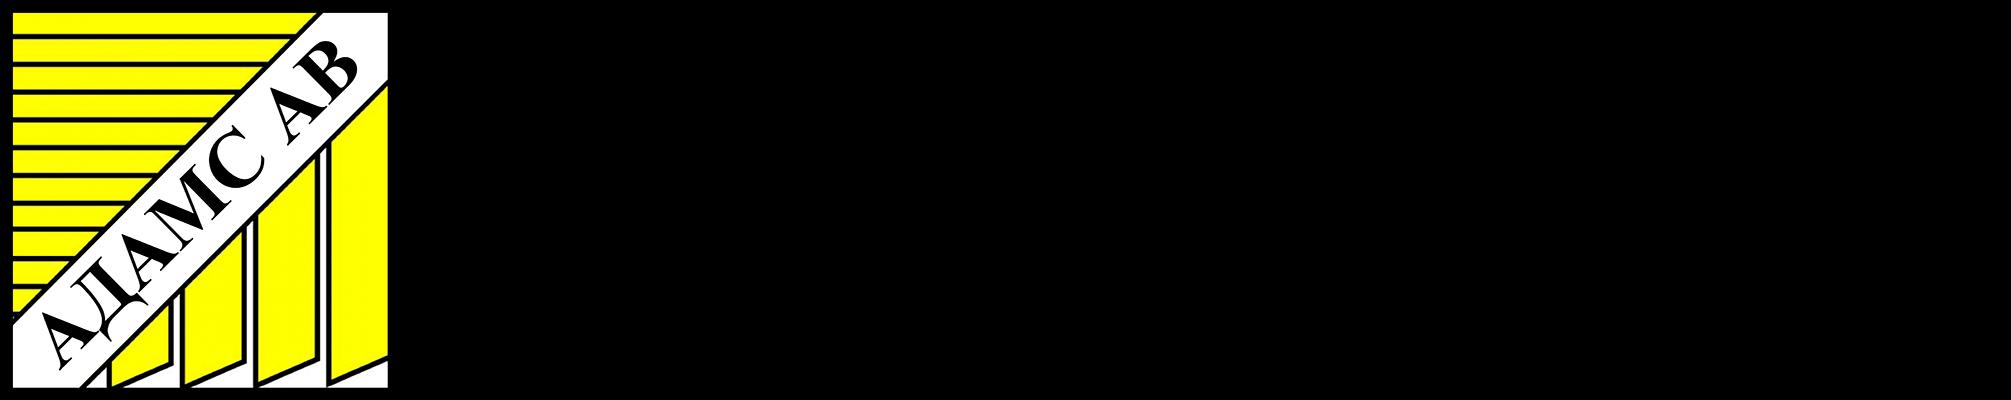 Адамс - Интернет Магазин